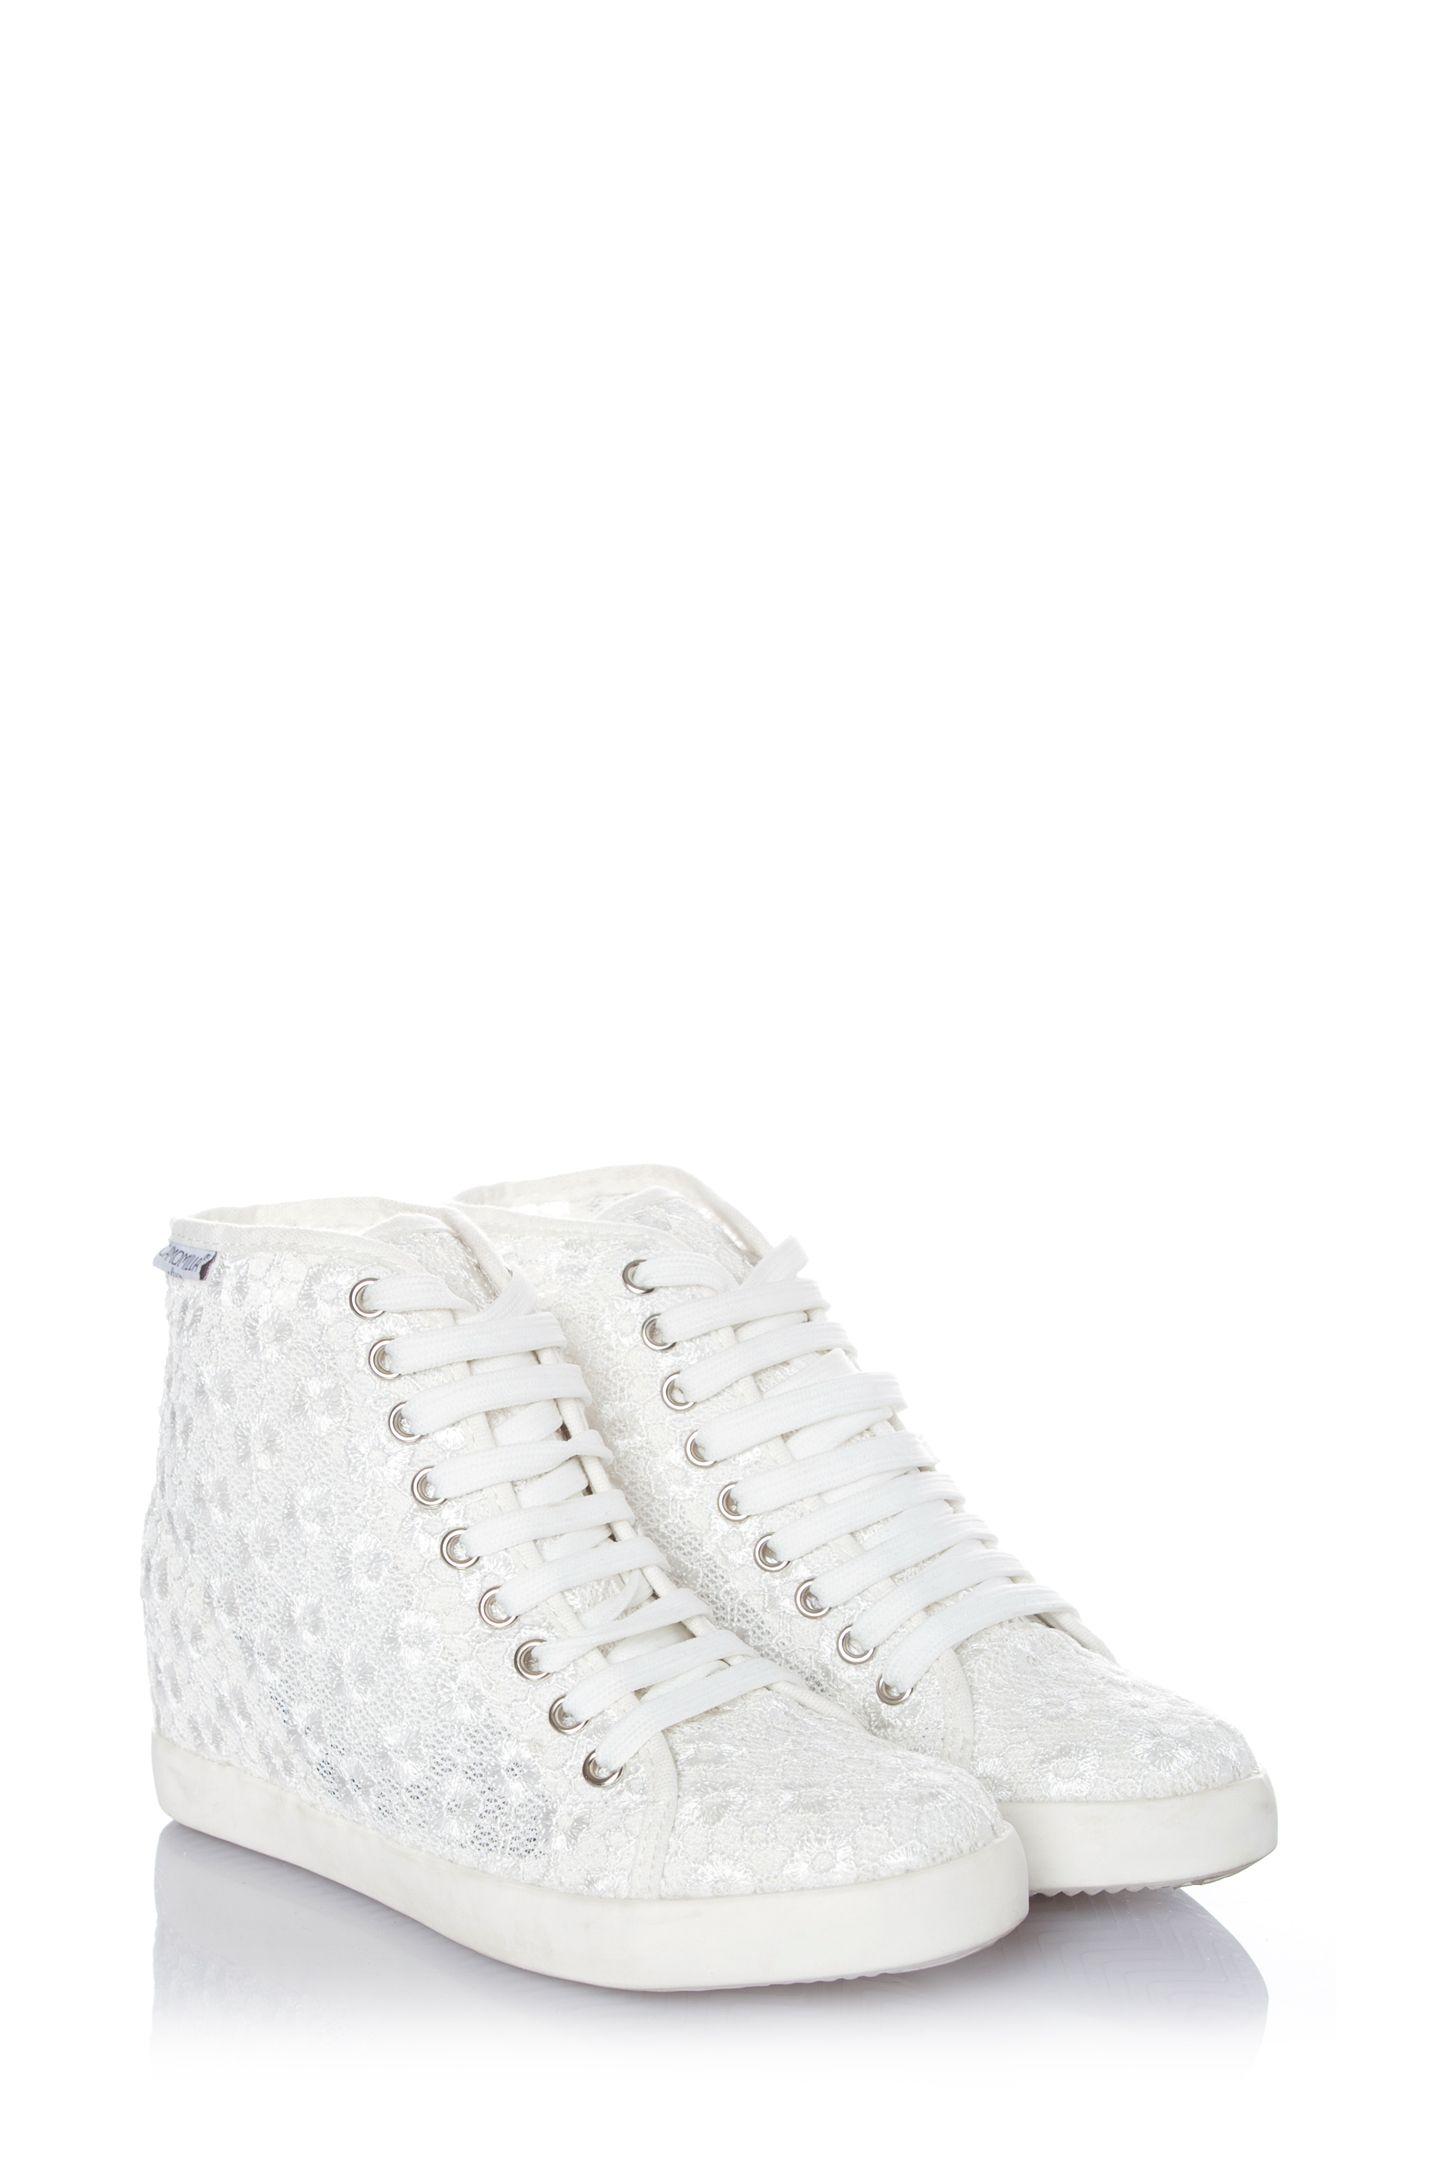 Camomilla Italia - Sneaker in tessuto ricamato con zeppa Susie ... 934bb65e70f